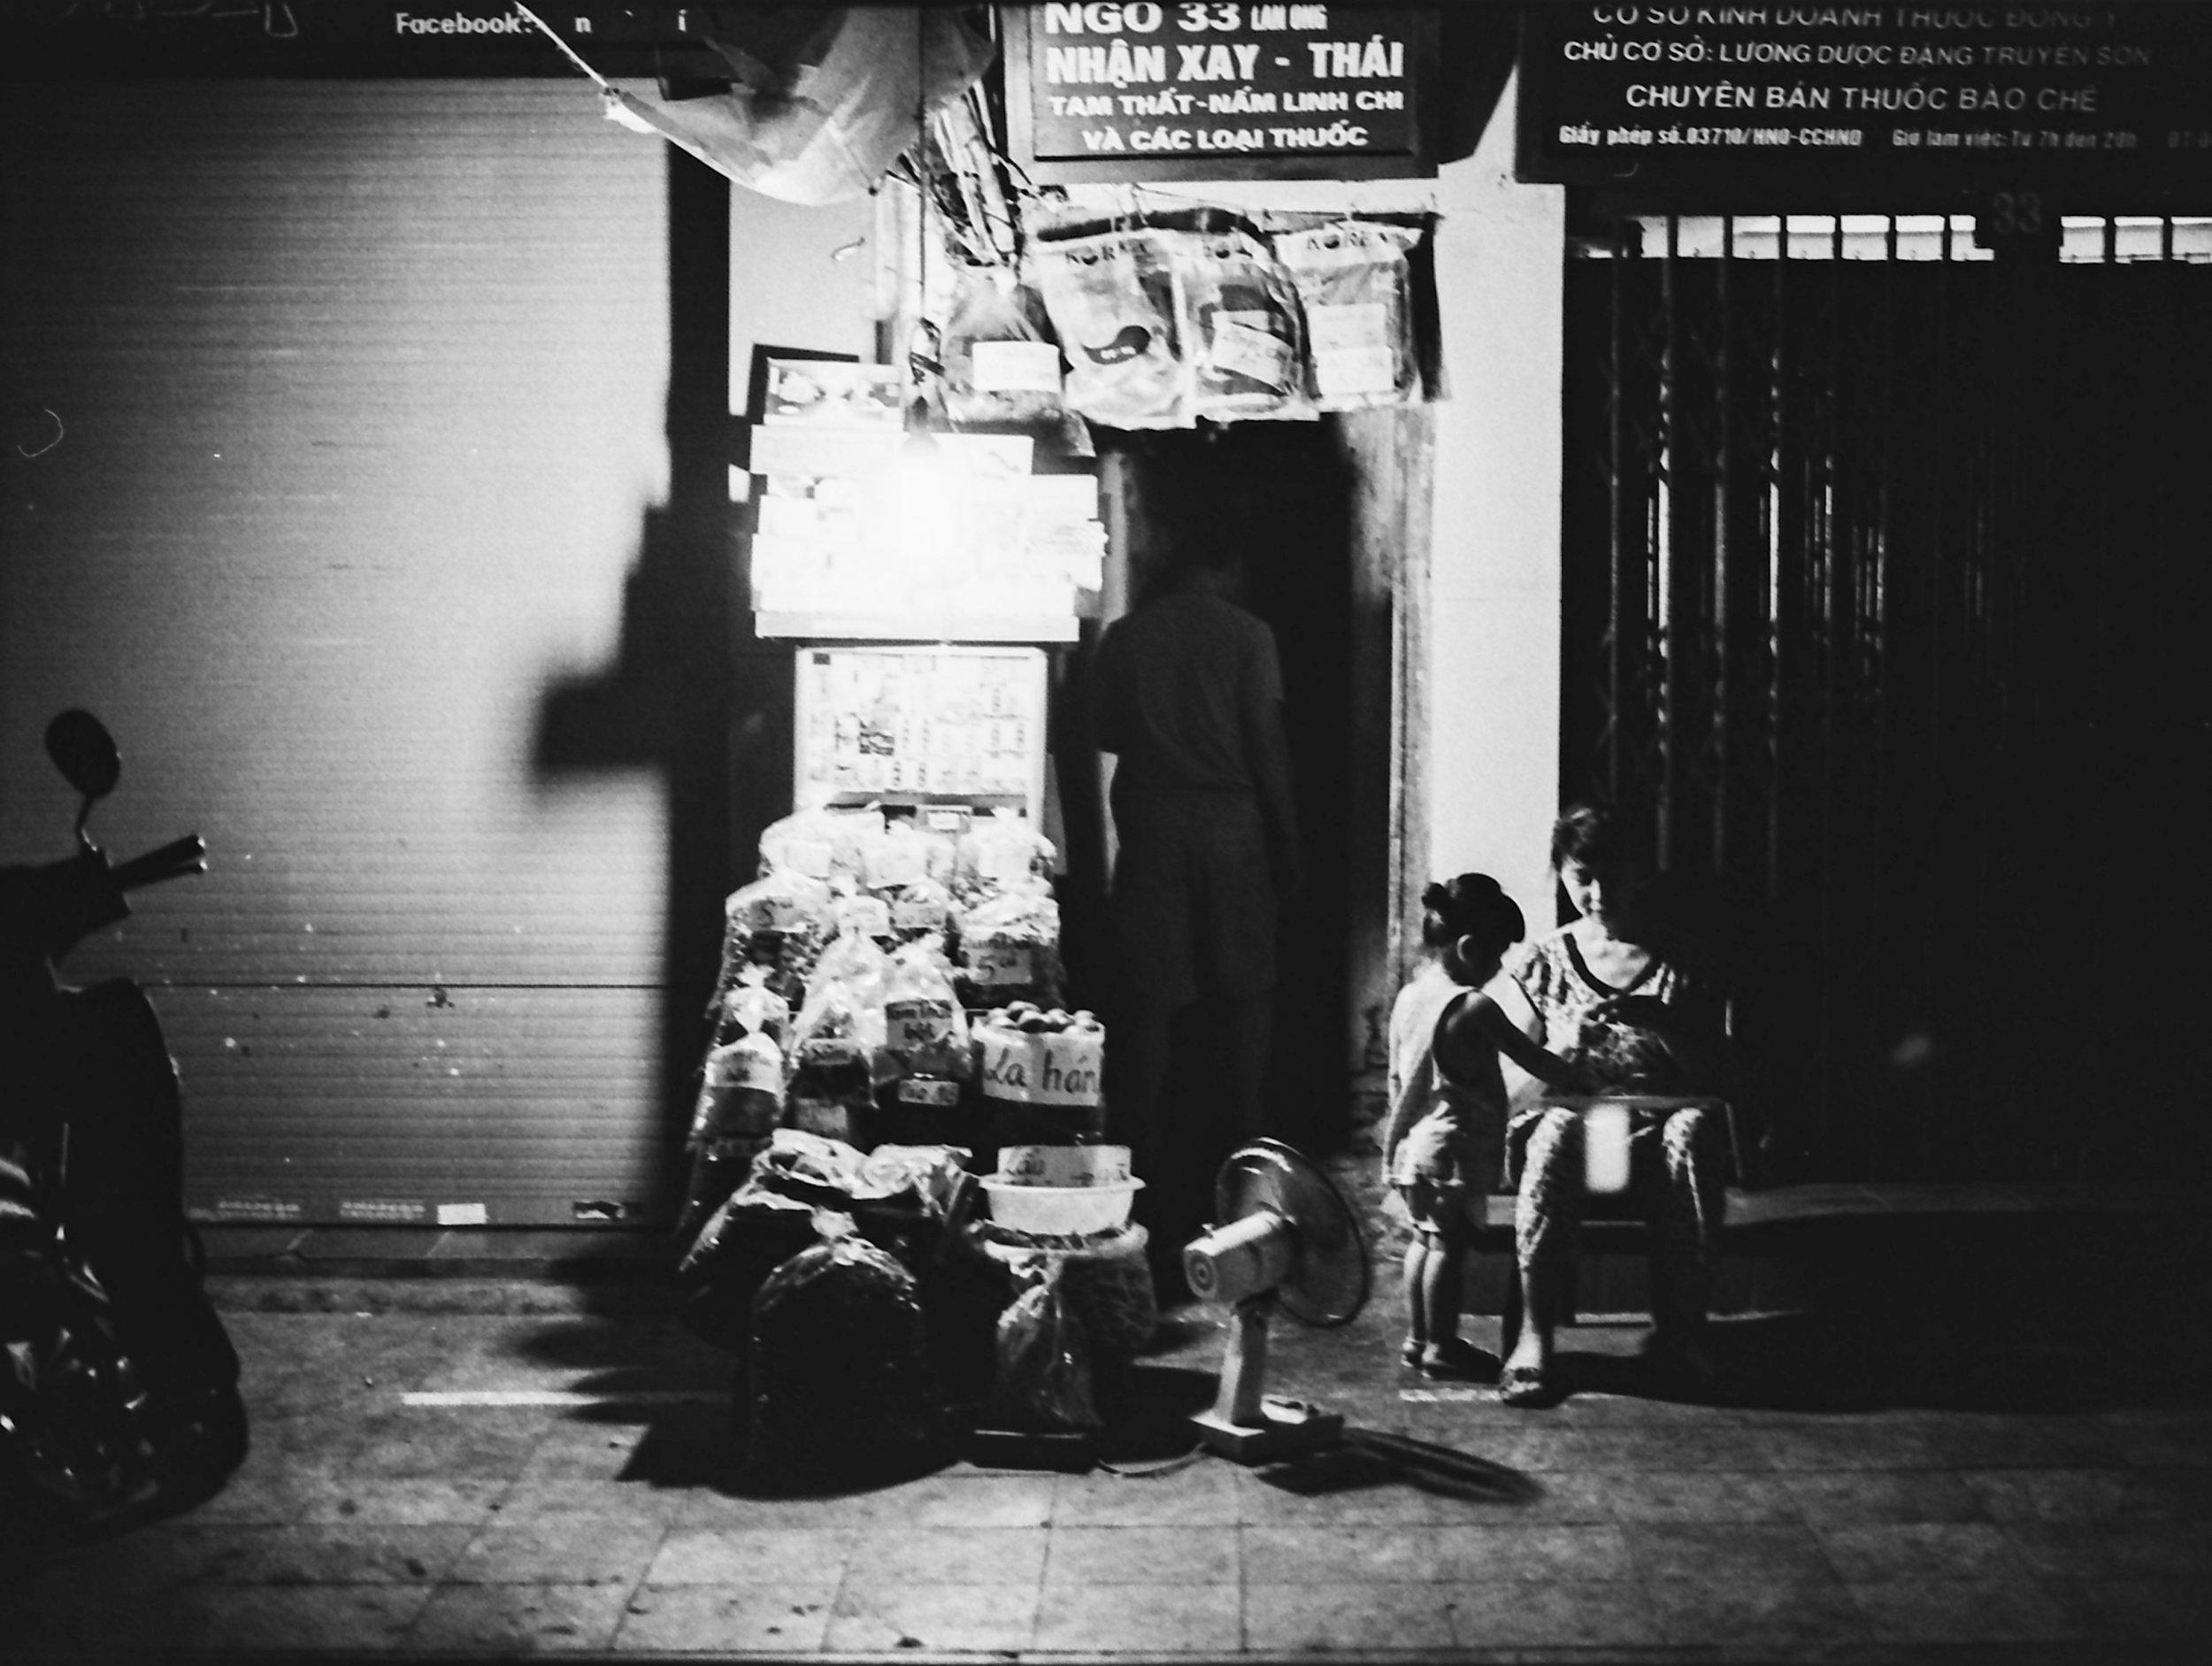 2016_09_02_LeicaM4-2_ReisVietnamTessa(2)-26.jpg